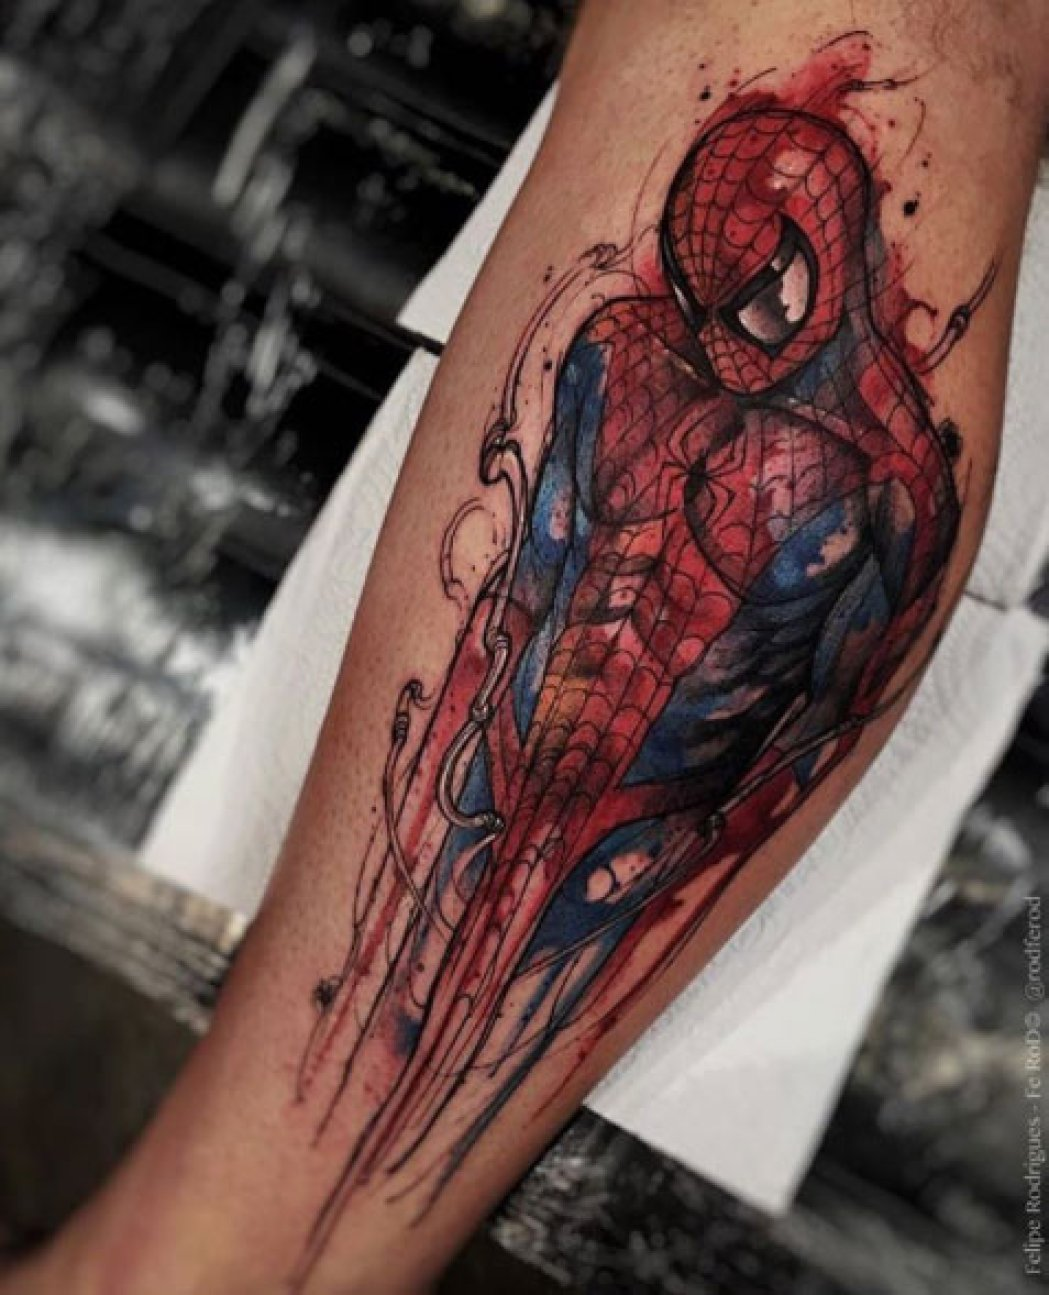 Spiderman Arm Tattoo